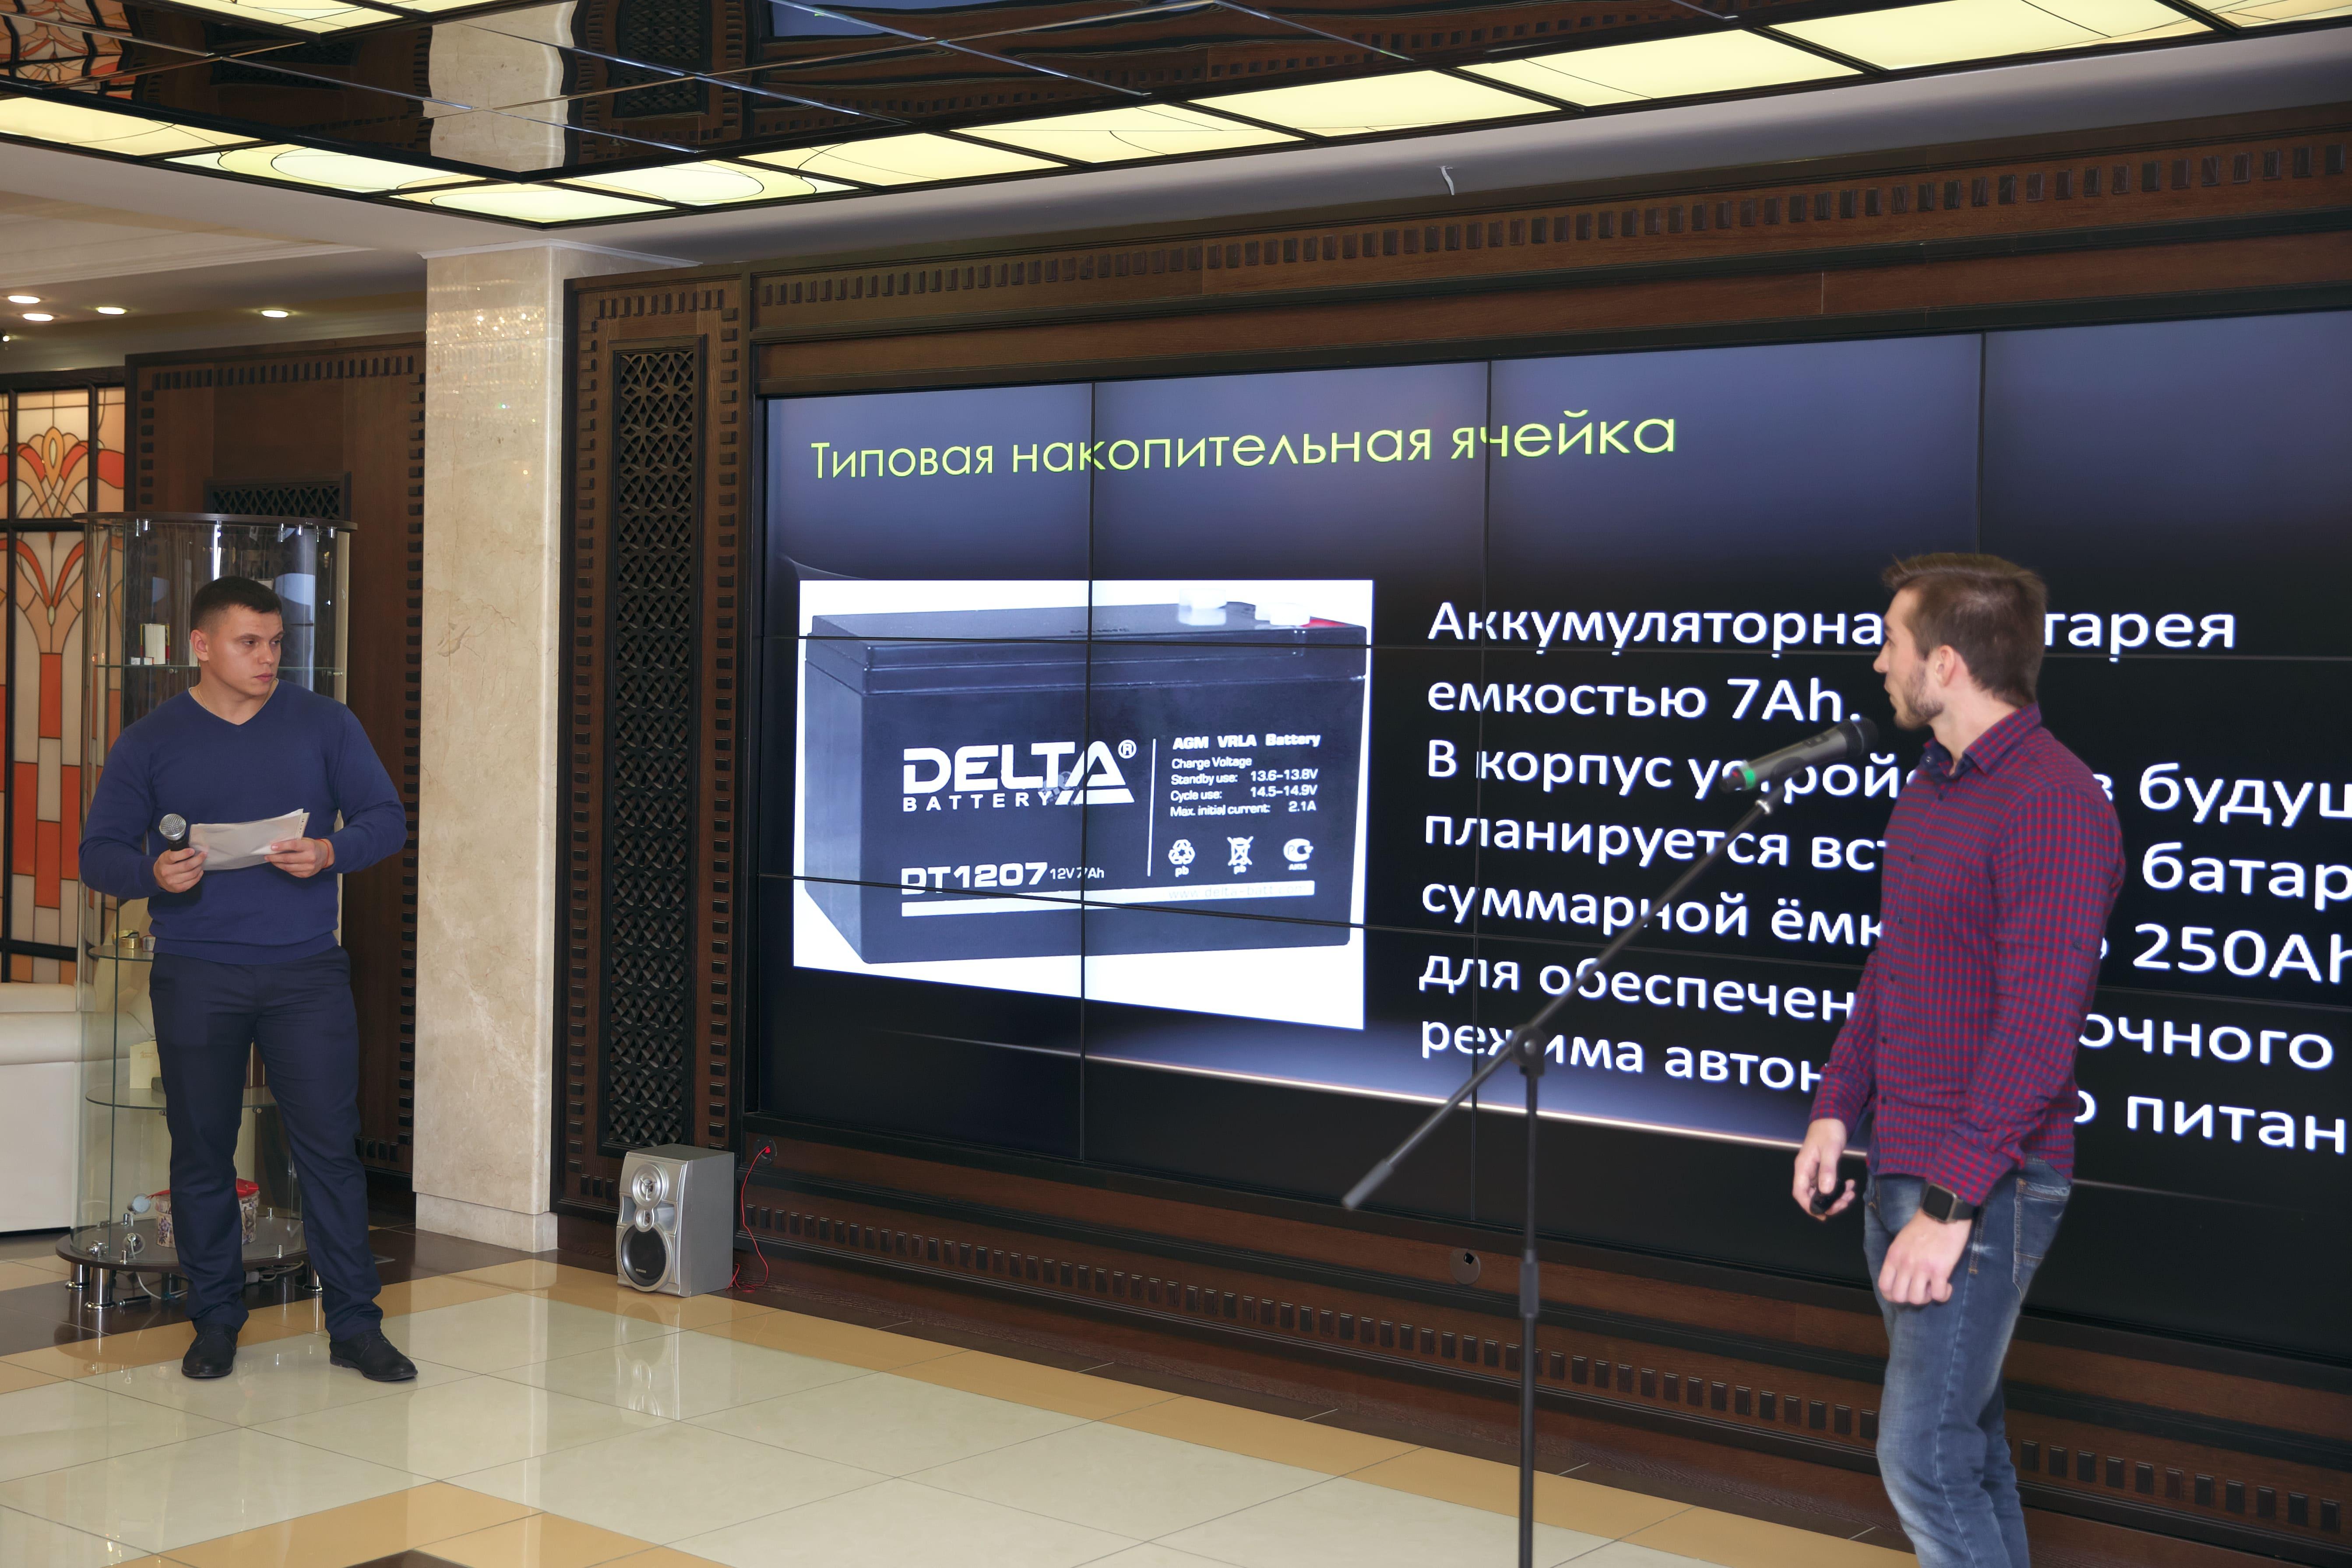 Помочь пенсионерам, коммунальщикам и филологам. О чём рассказали молодые учёные из Белгорода и Курска на «Шуховских баталиях»